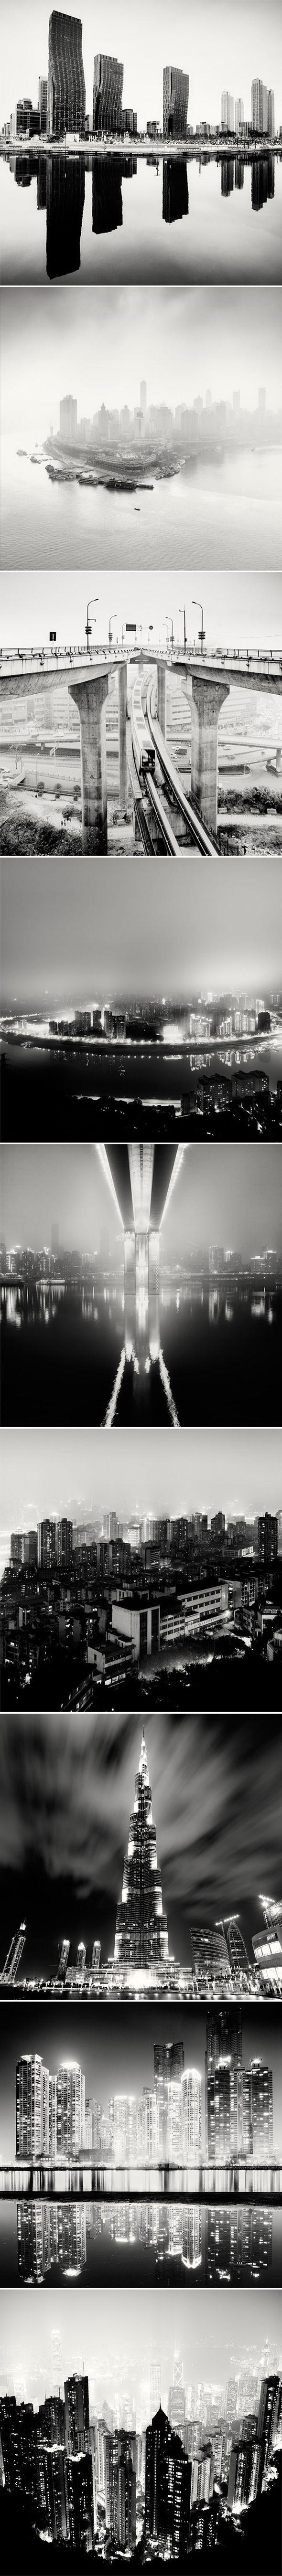 Photographies en noir et blanc de Martin Stavars    Martin Stavars est un photographe Anglais dont le travail sur les paysages s'est focalisé sur les villes tout autour du monde avec des projets comme « Nightscapes » ou « City of Fog ».